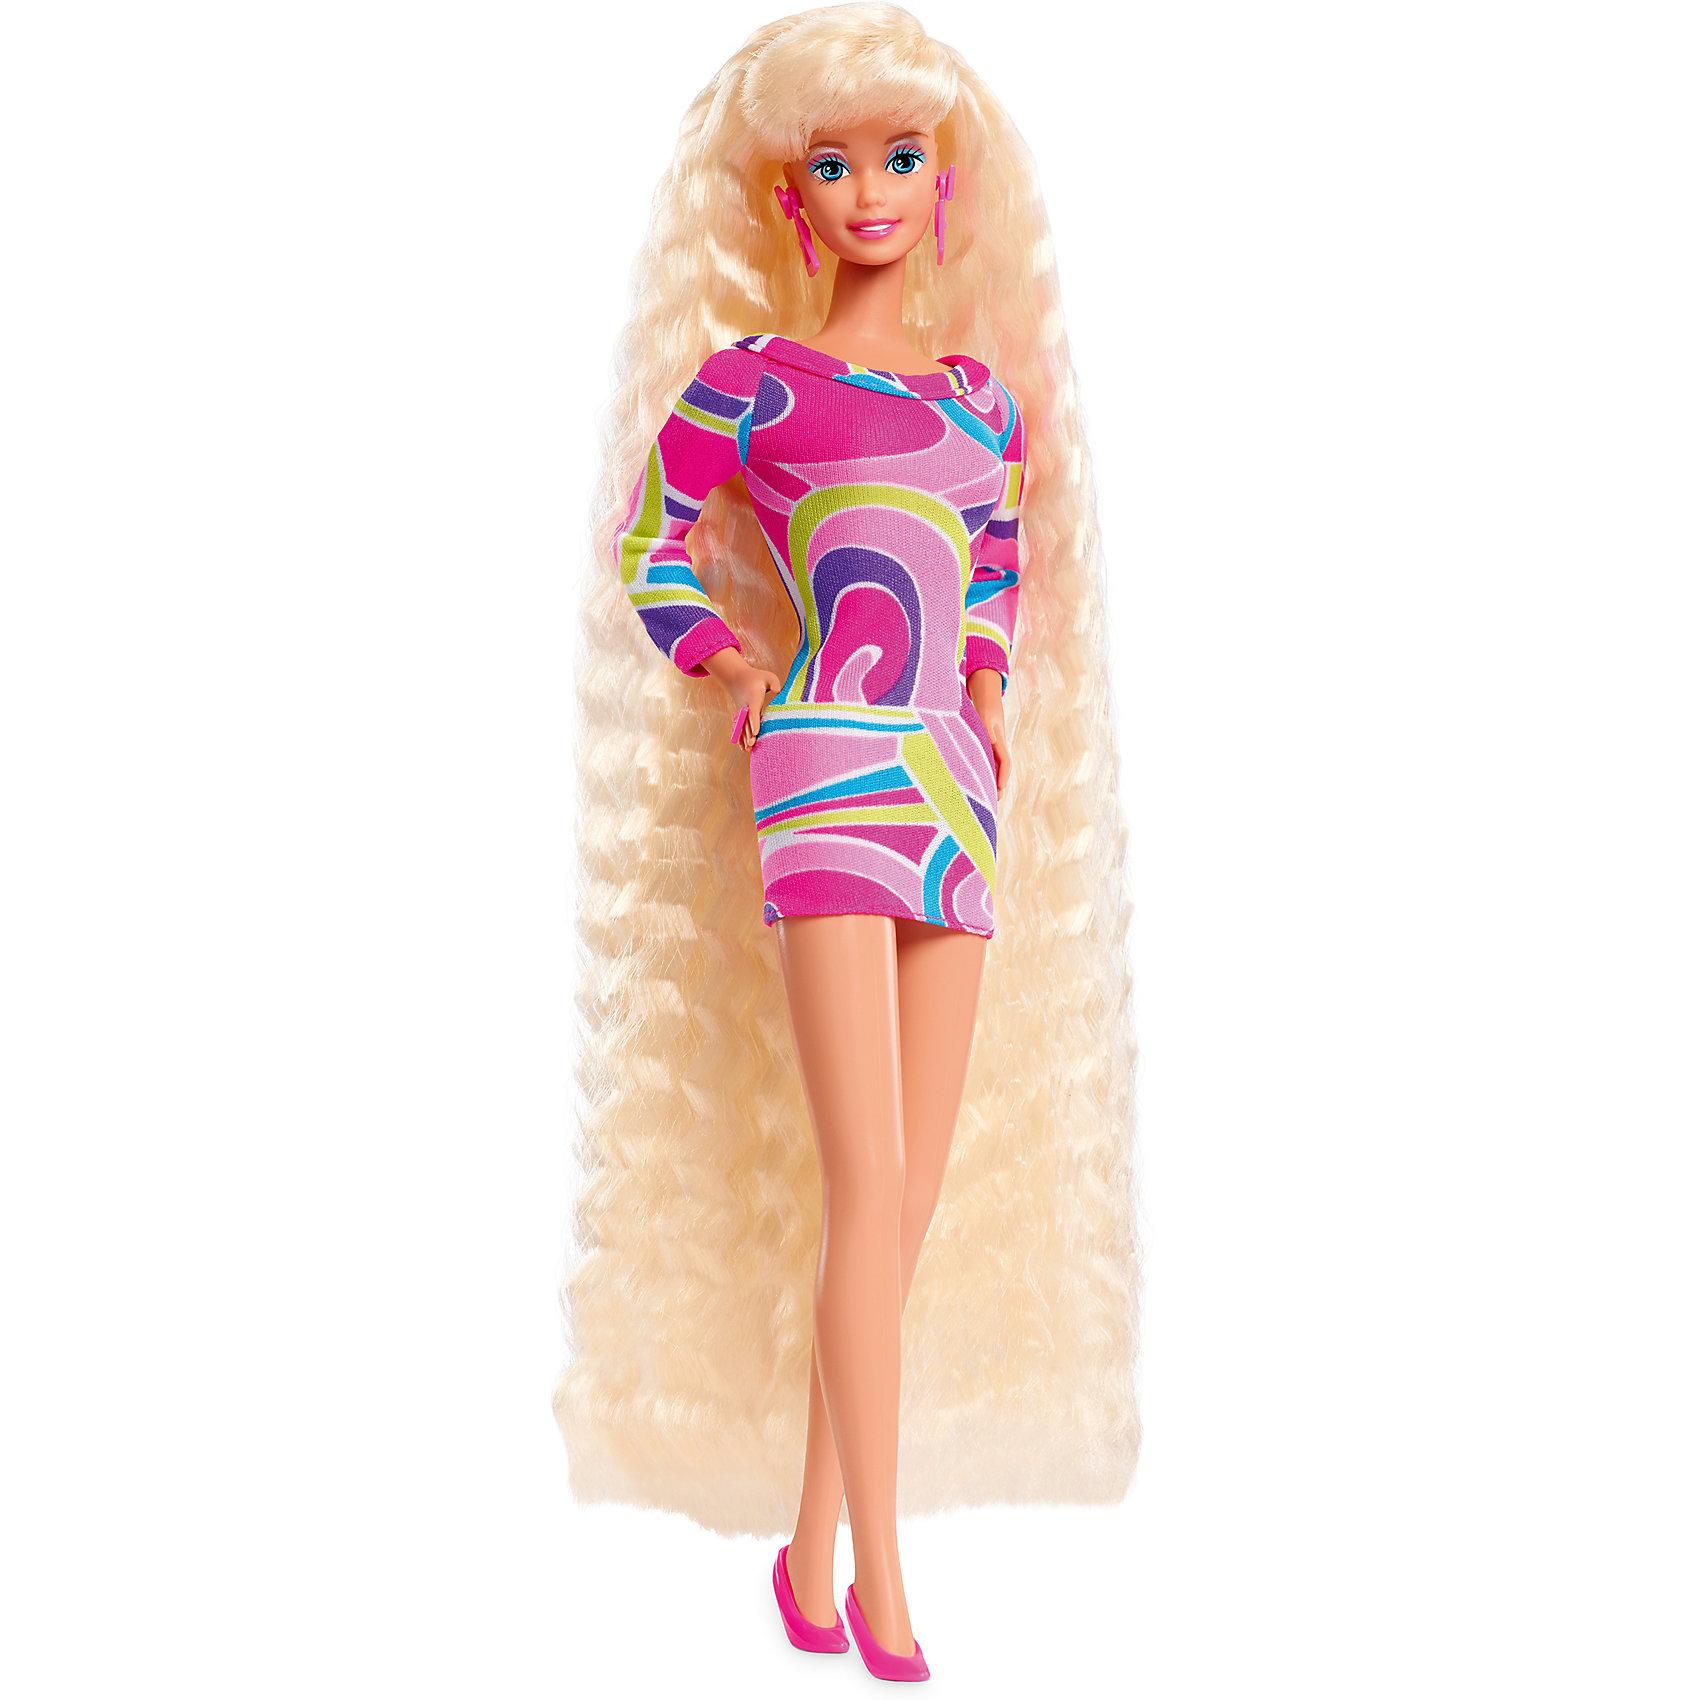 Коллекционная кукла Totally Hair, BarbieКуклы-модели<br>Коллекционная кукла Totally Hair, Barbie.<br><br>Характеристики:<br><br>• возраст: от 6 лет<br>• комплект: кукла, подставка, аксессуары для волос.<br>• высота куклы: 29 см.<br>• состав: пластик, текстиль.<br>• размер упаковки: 34?16?8 см.<br>• упаковка: картонная коробка блистерного типа.<br>• страна обладатель бренда: США.<br><br>В 1992 года кукла Totally Hair стала абсолютным бестселлером на всю историю существования Barbie! Более 10 миллионов кукол было продано по всему миру. В 2017 году кукла ей исполняется 25 лет и в честь этого компания Mattel выпустила точную копию куклы-бестселлера Totally Hair образца 1992 года. Barbie с супер длинными волосами до самых пят. В комплекте с куклой гель для укладки волос и аксессуары для создания невероятно стильных причесок.<br><br>Коллекционную куклу Totally Hair, Barbie можно купить в нашем интернет-магазине.<br><br>Ширина мм: 150<br>Глубина мм: 75<br>Высота мм: 330<br>Вес г: 349<br>Возраст от месяцев: 72<br>Возраст до месяцев: 144<br>Пол: Женский<br>Возраст: Детский<br>SKU: 5378143